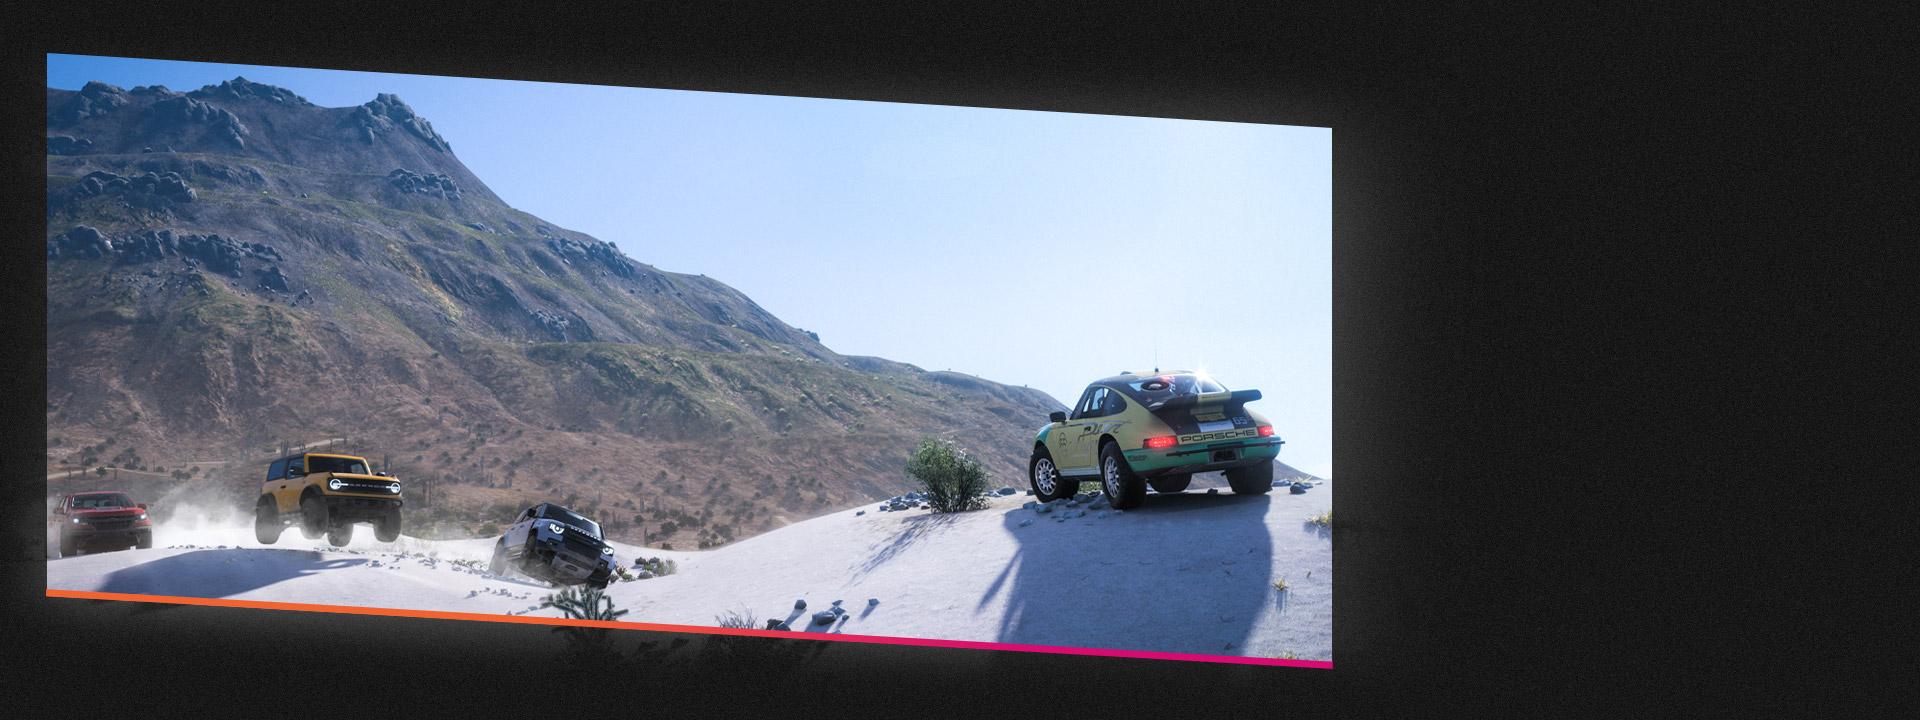 모래에서 오프로드 경주를 펼치는 자동차 네 대.